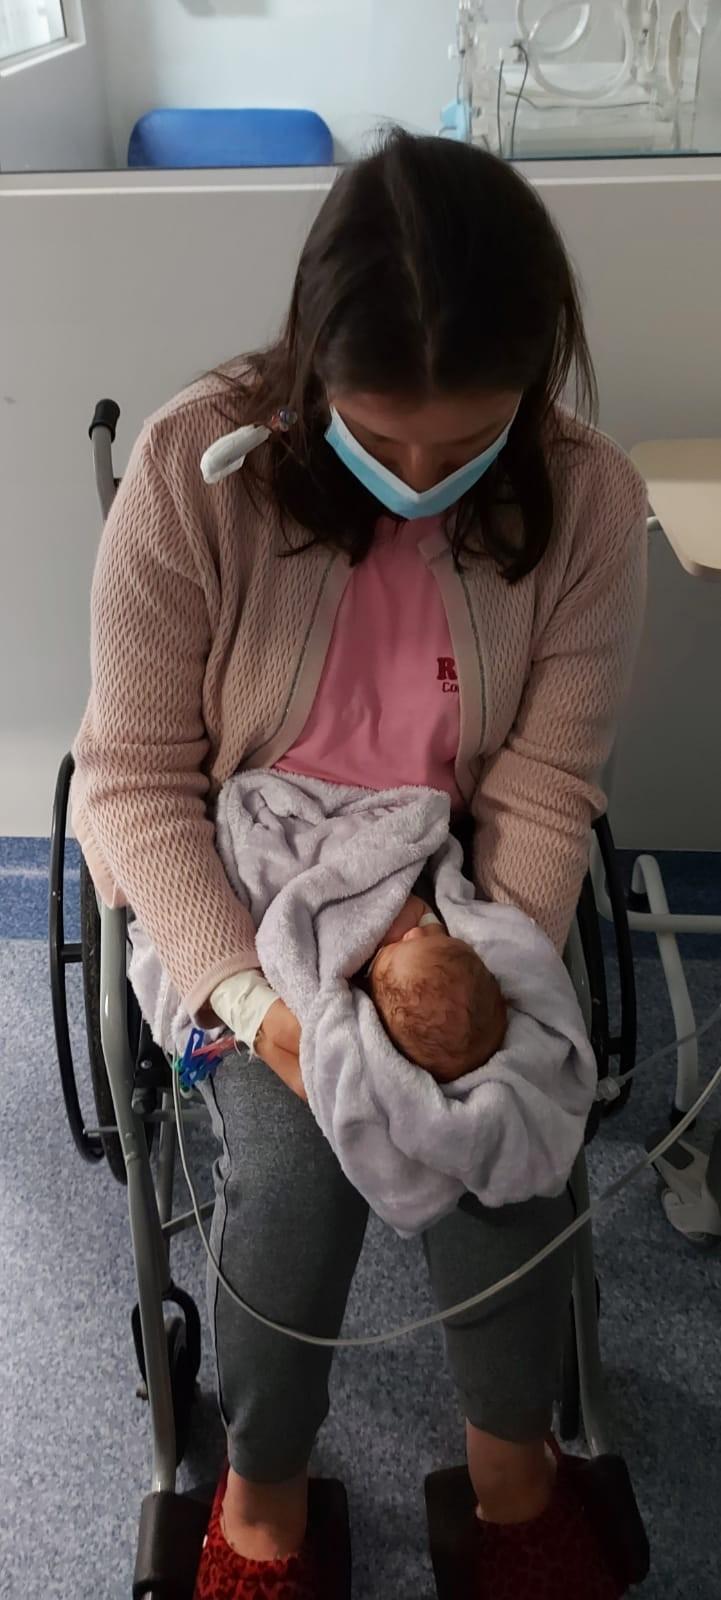 Mãe que conheceu por videochamada filho recém-nascido em SC segura bebê no colo pela 1ª vez; VÍDEO